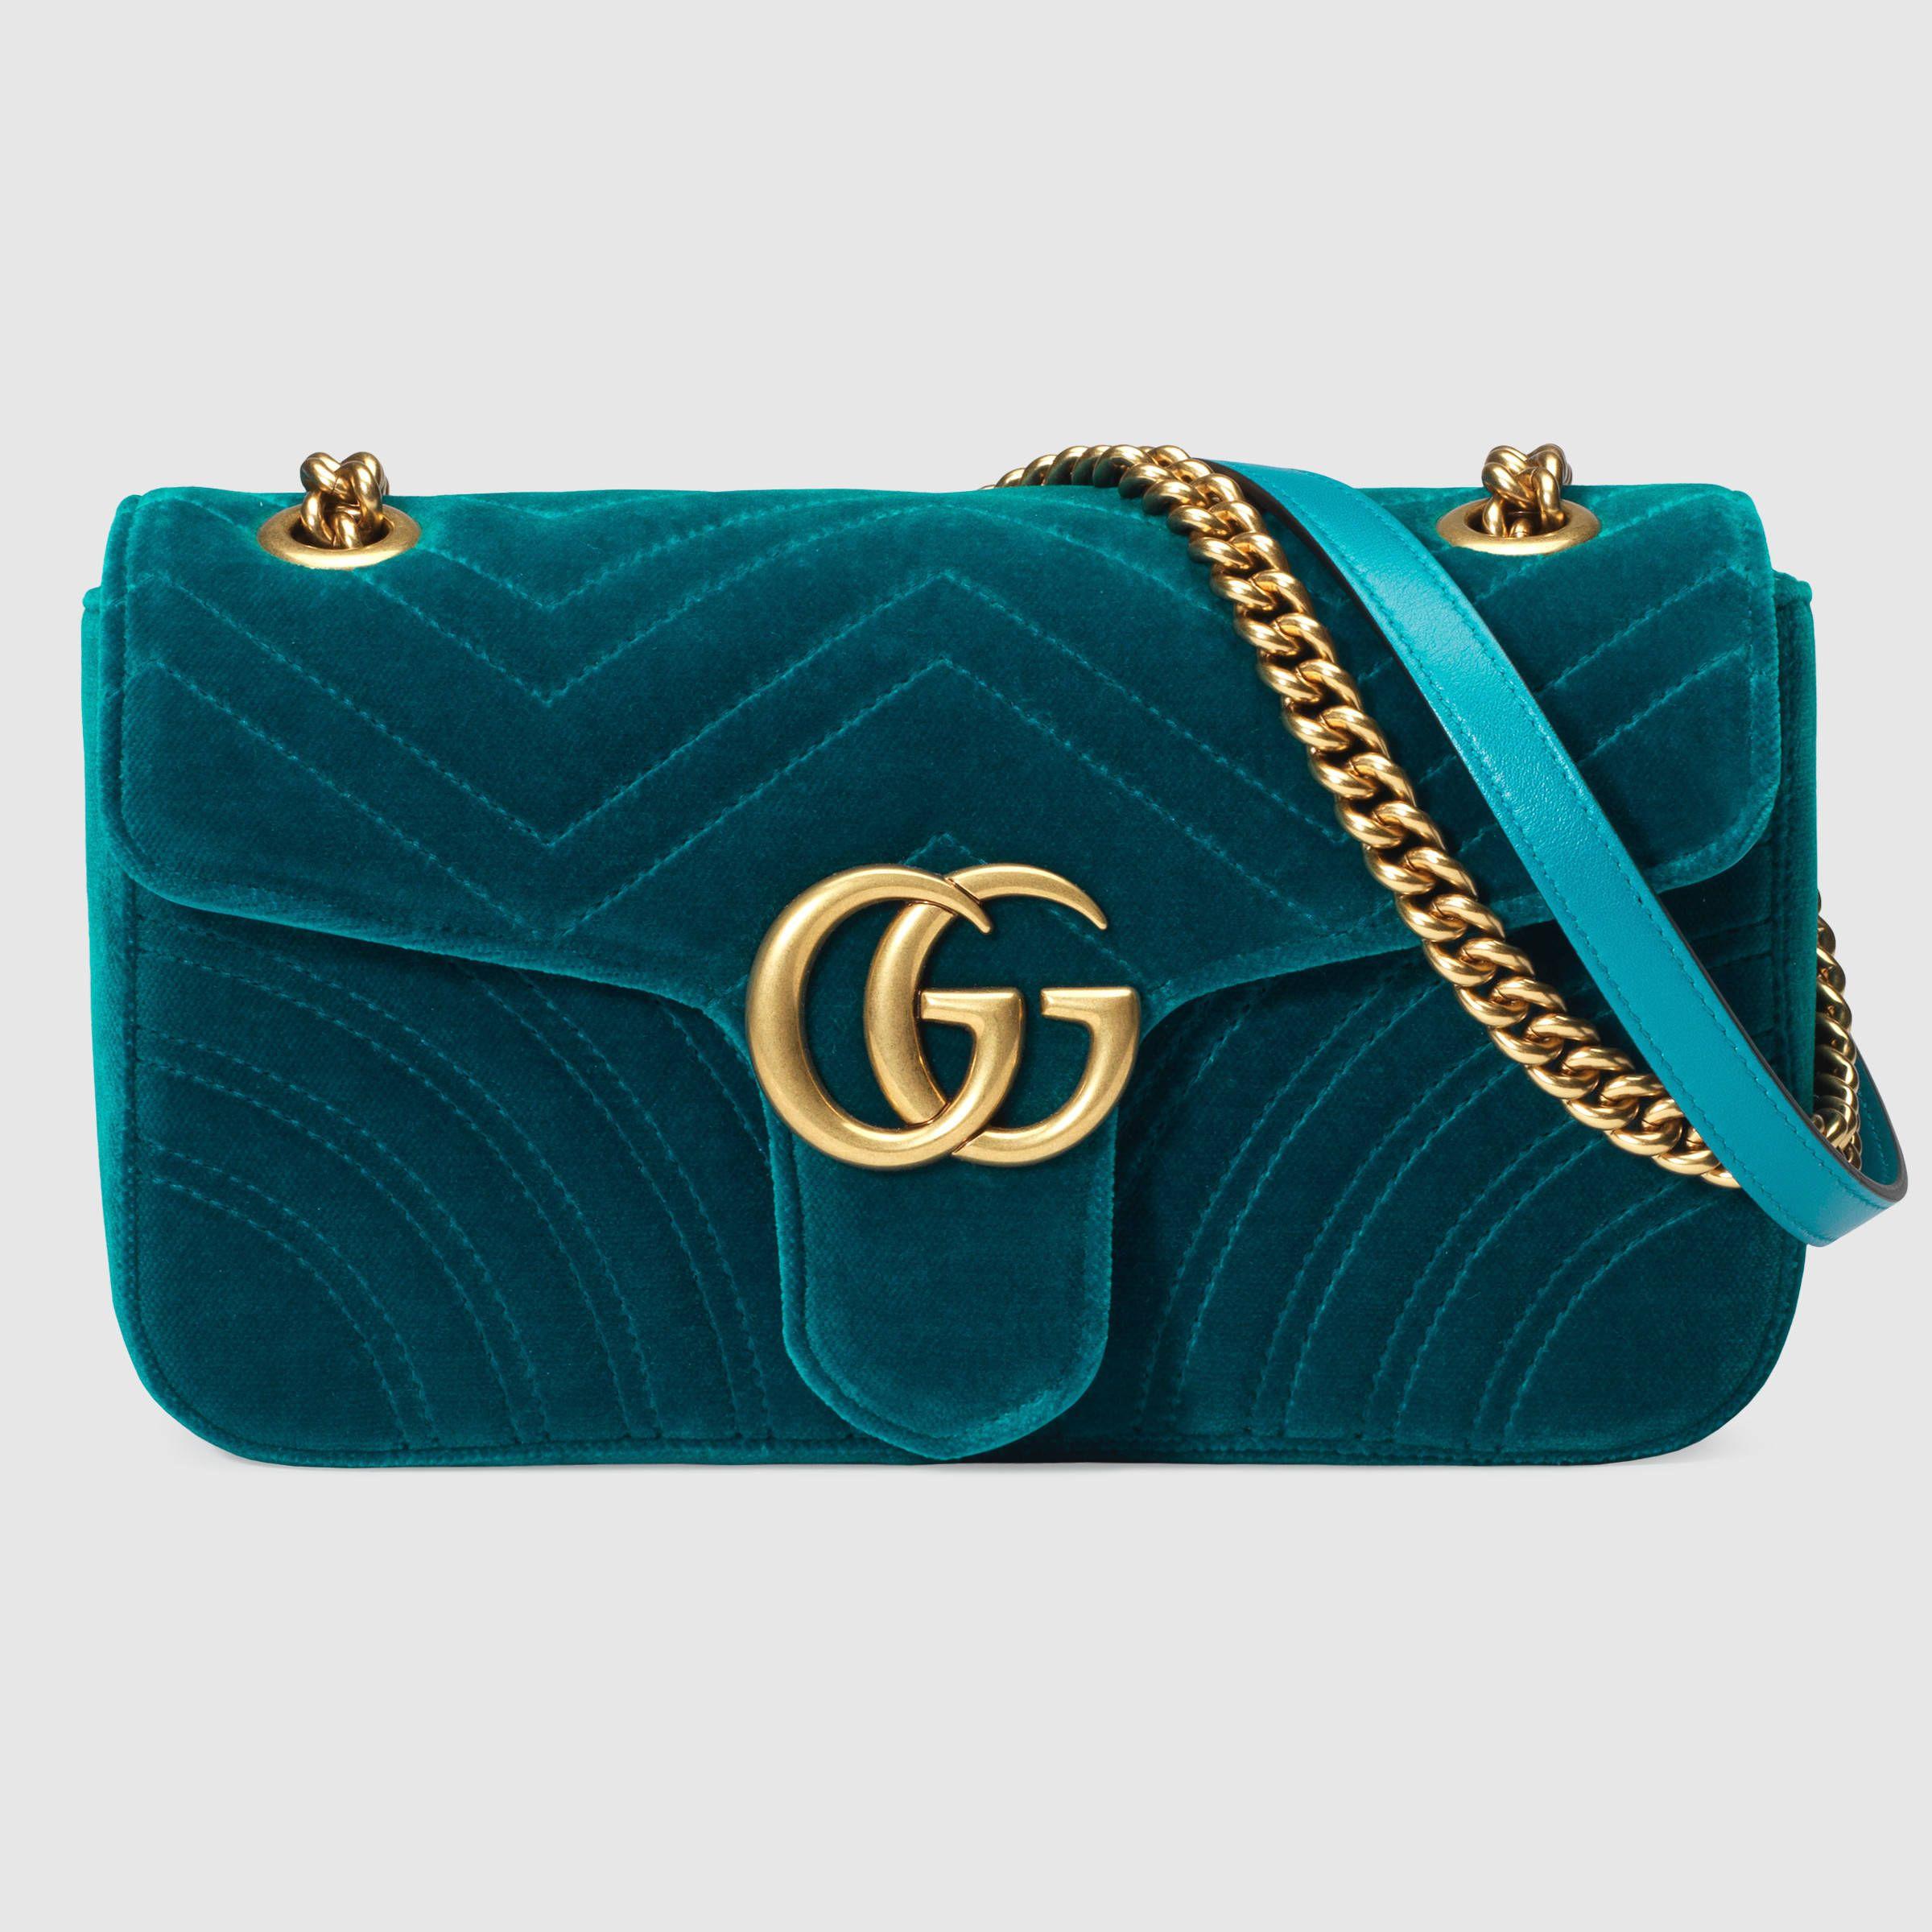 Gucci Donna Borse.Sac A Epaule Gg Marmont En Velours Sac Sac Gucci Sac A Main